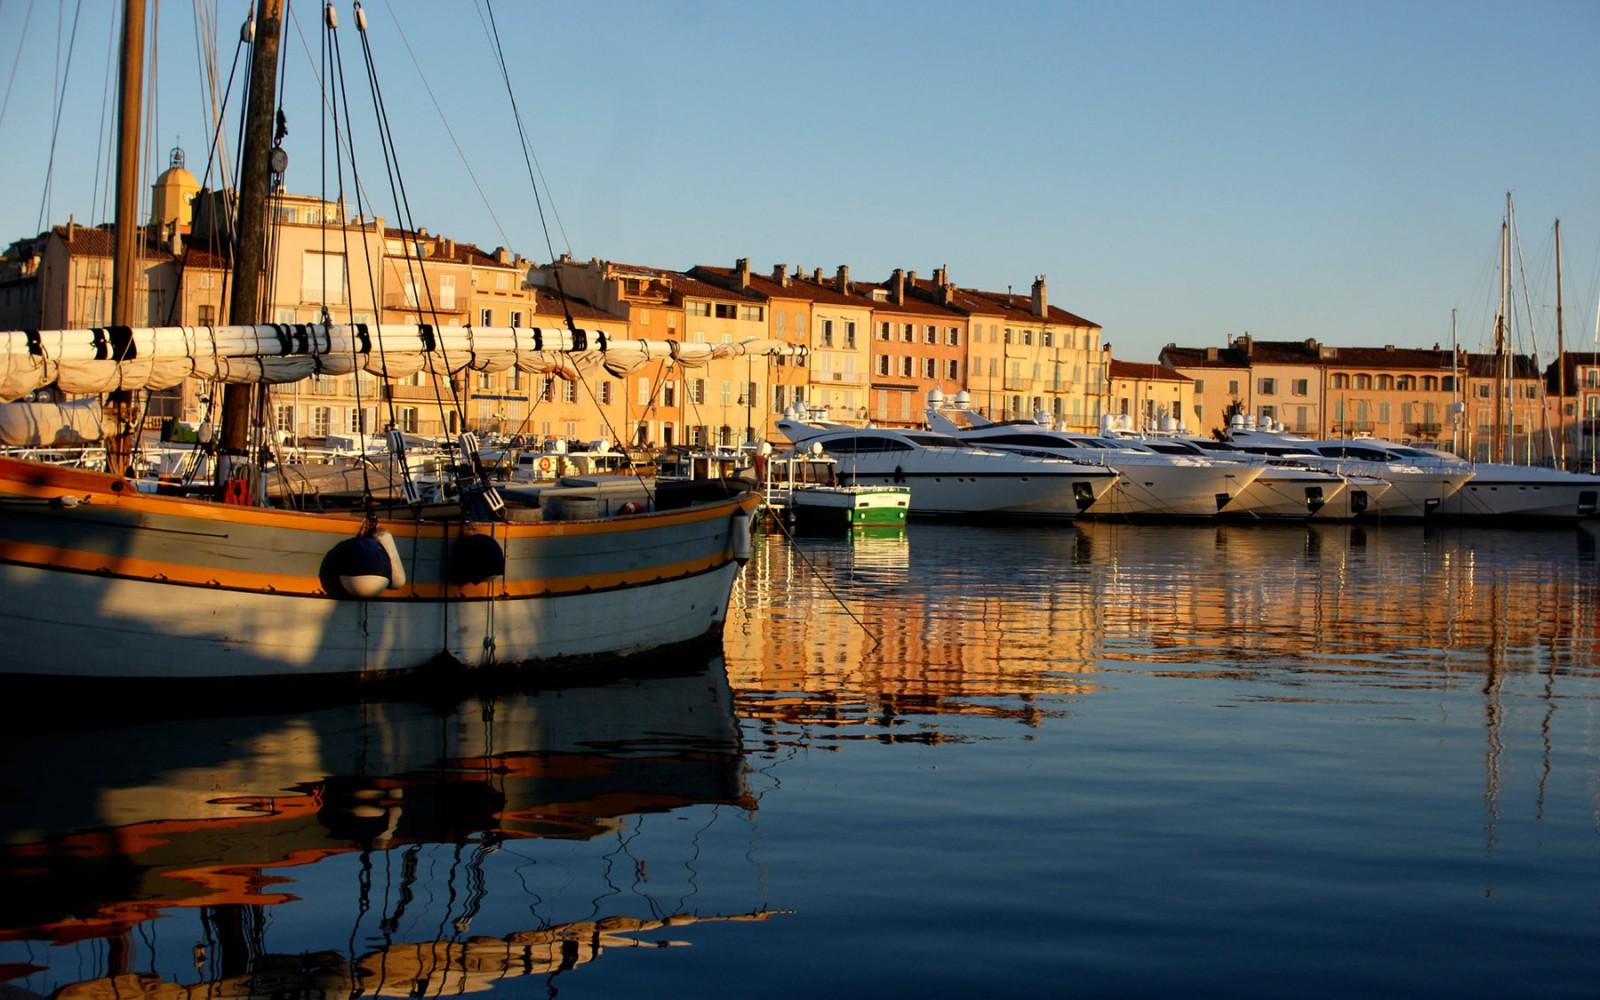 Htel Byblos Saint Tropez Palace Htel 5 Toiles Luxe